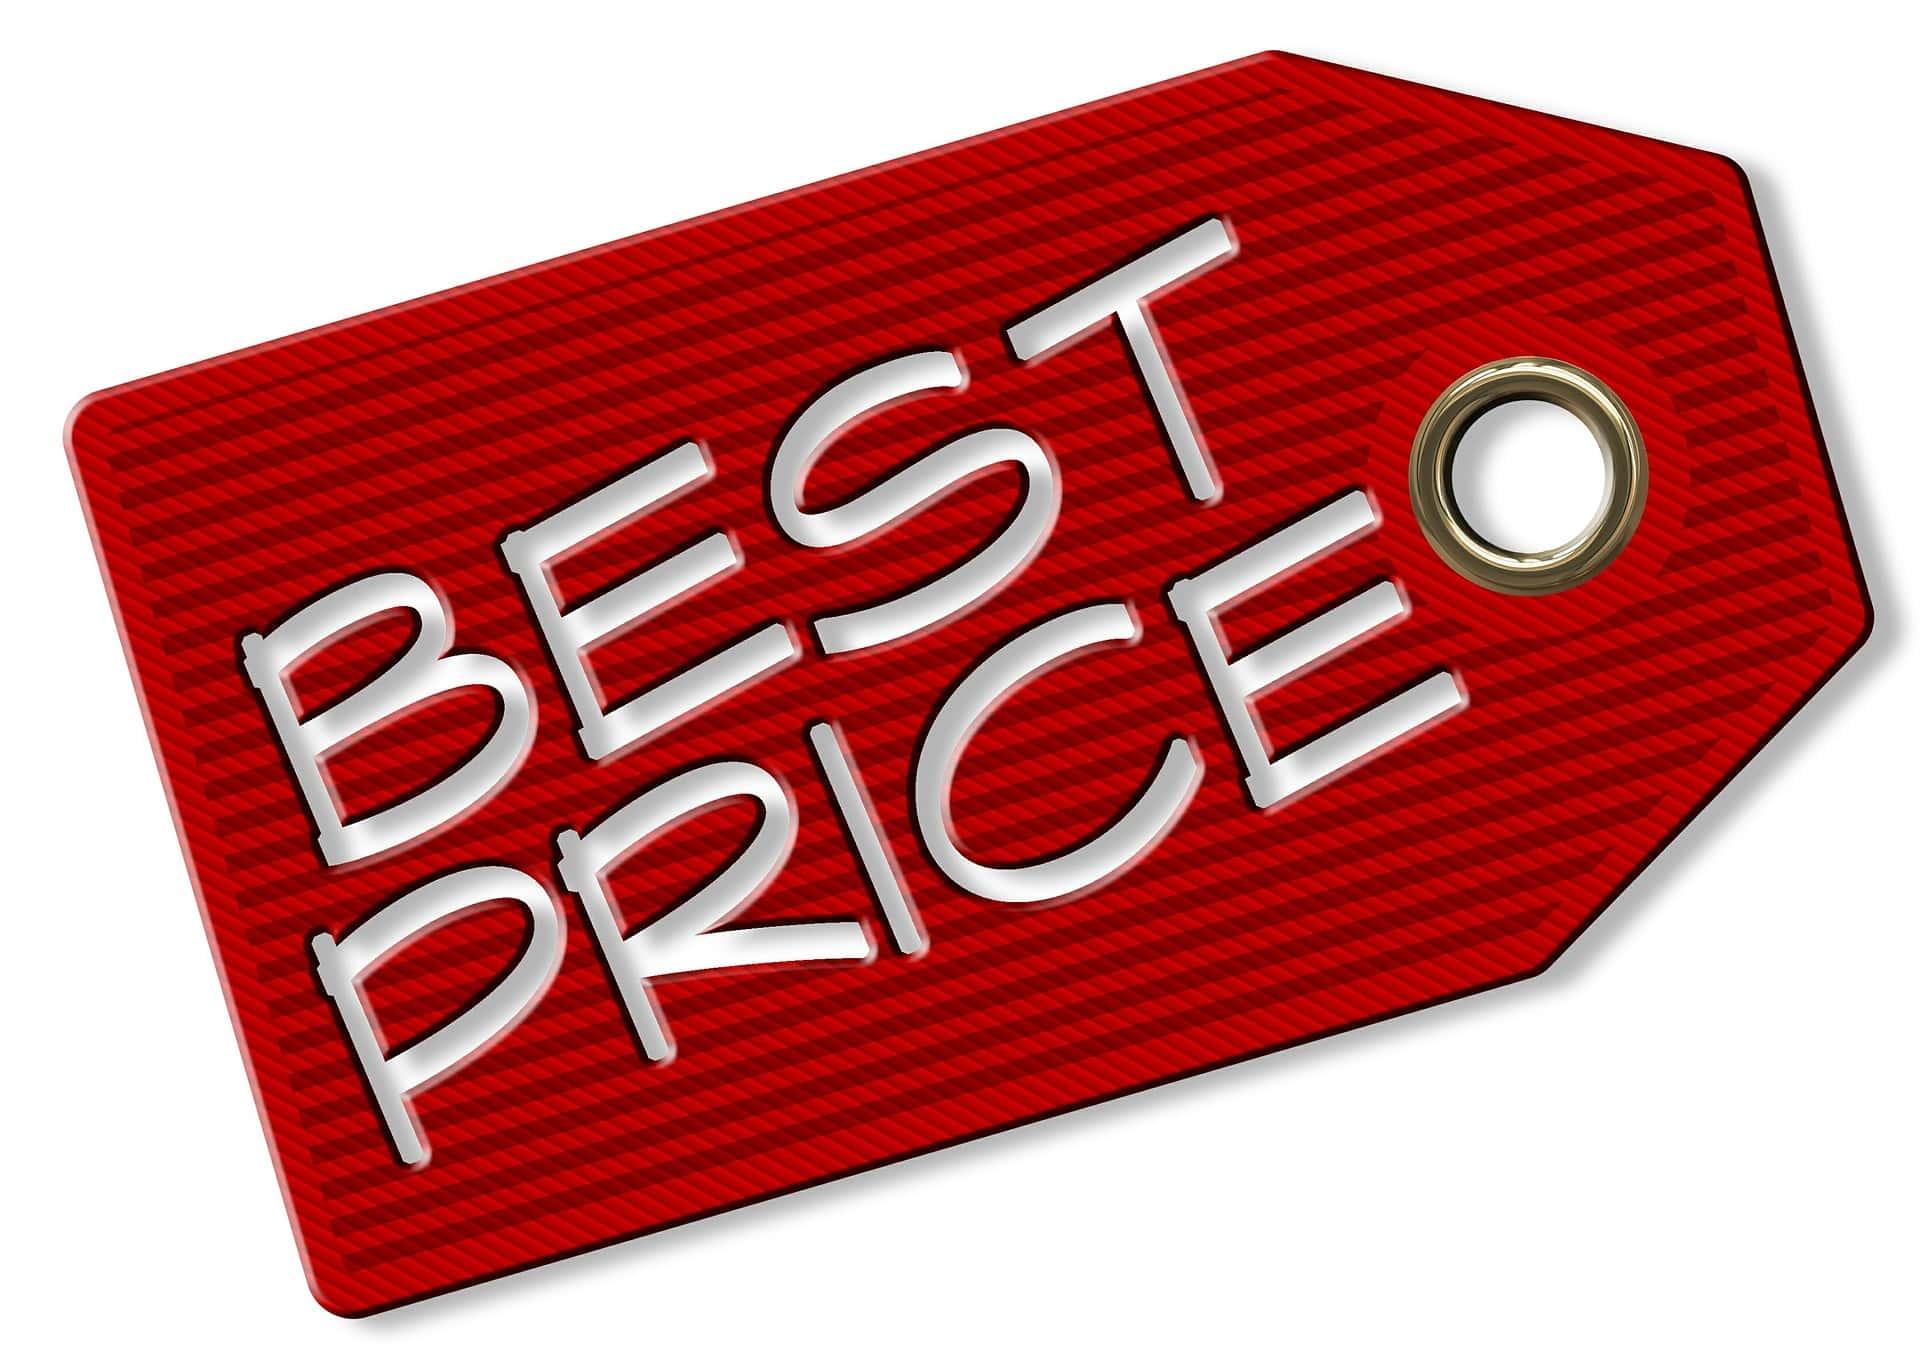 price-tag-374404_1920